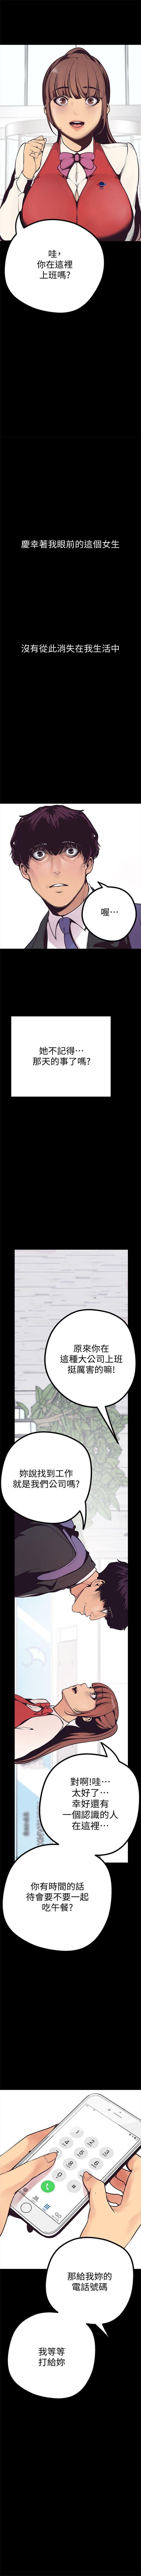 (週1)美麗新世界 1-70 中文翻譯 (更新中) 39